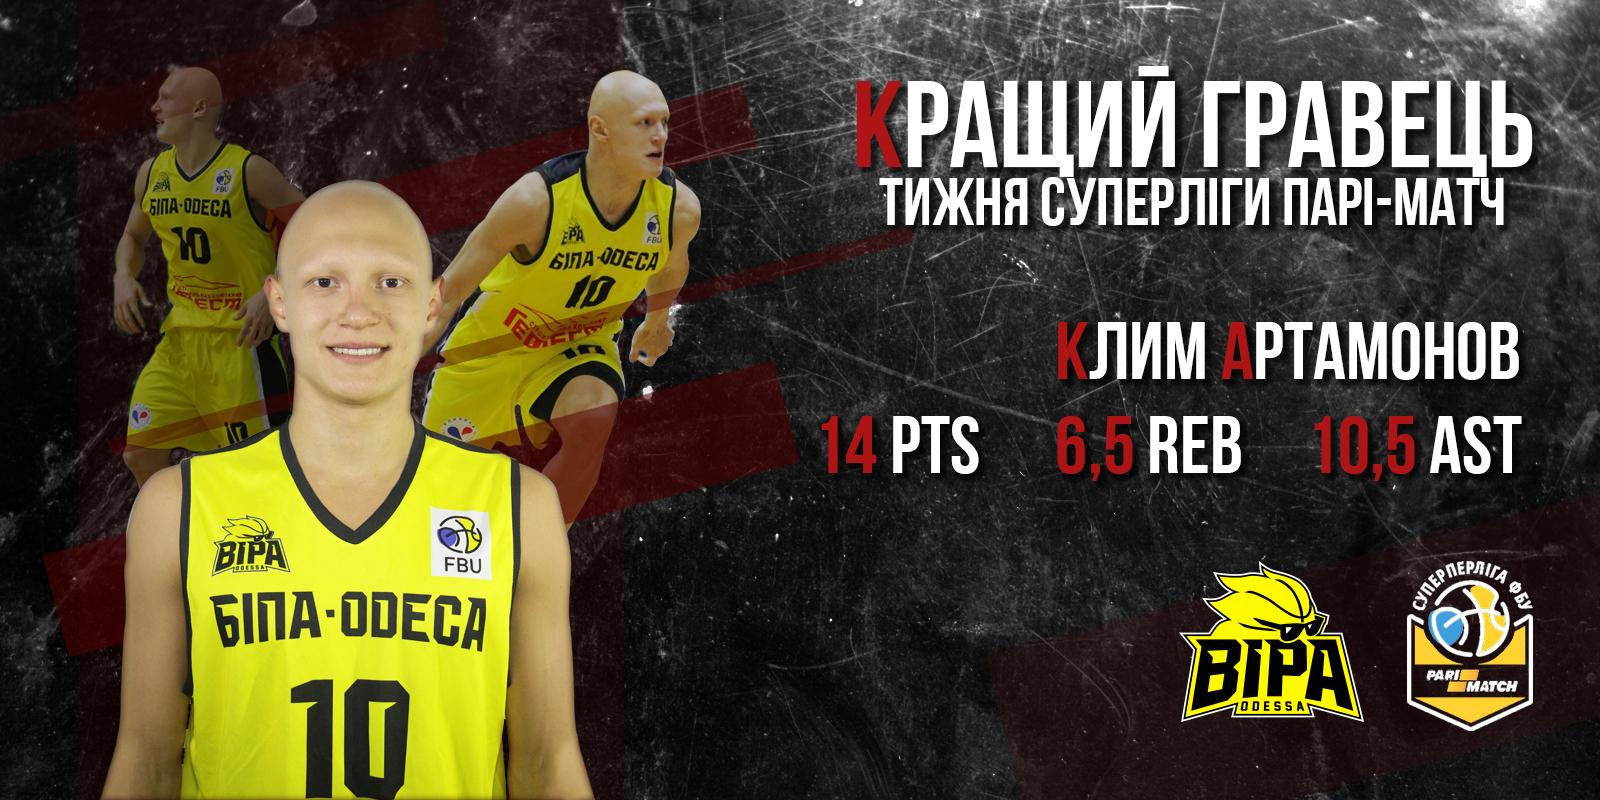 Титул MVP тижня перед Фіналом чотирьох отримав капітан одеситів Клим Артамонов